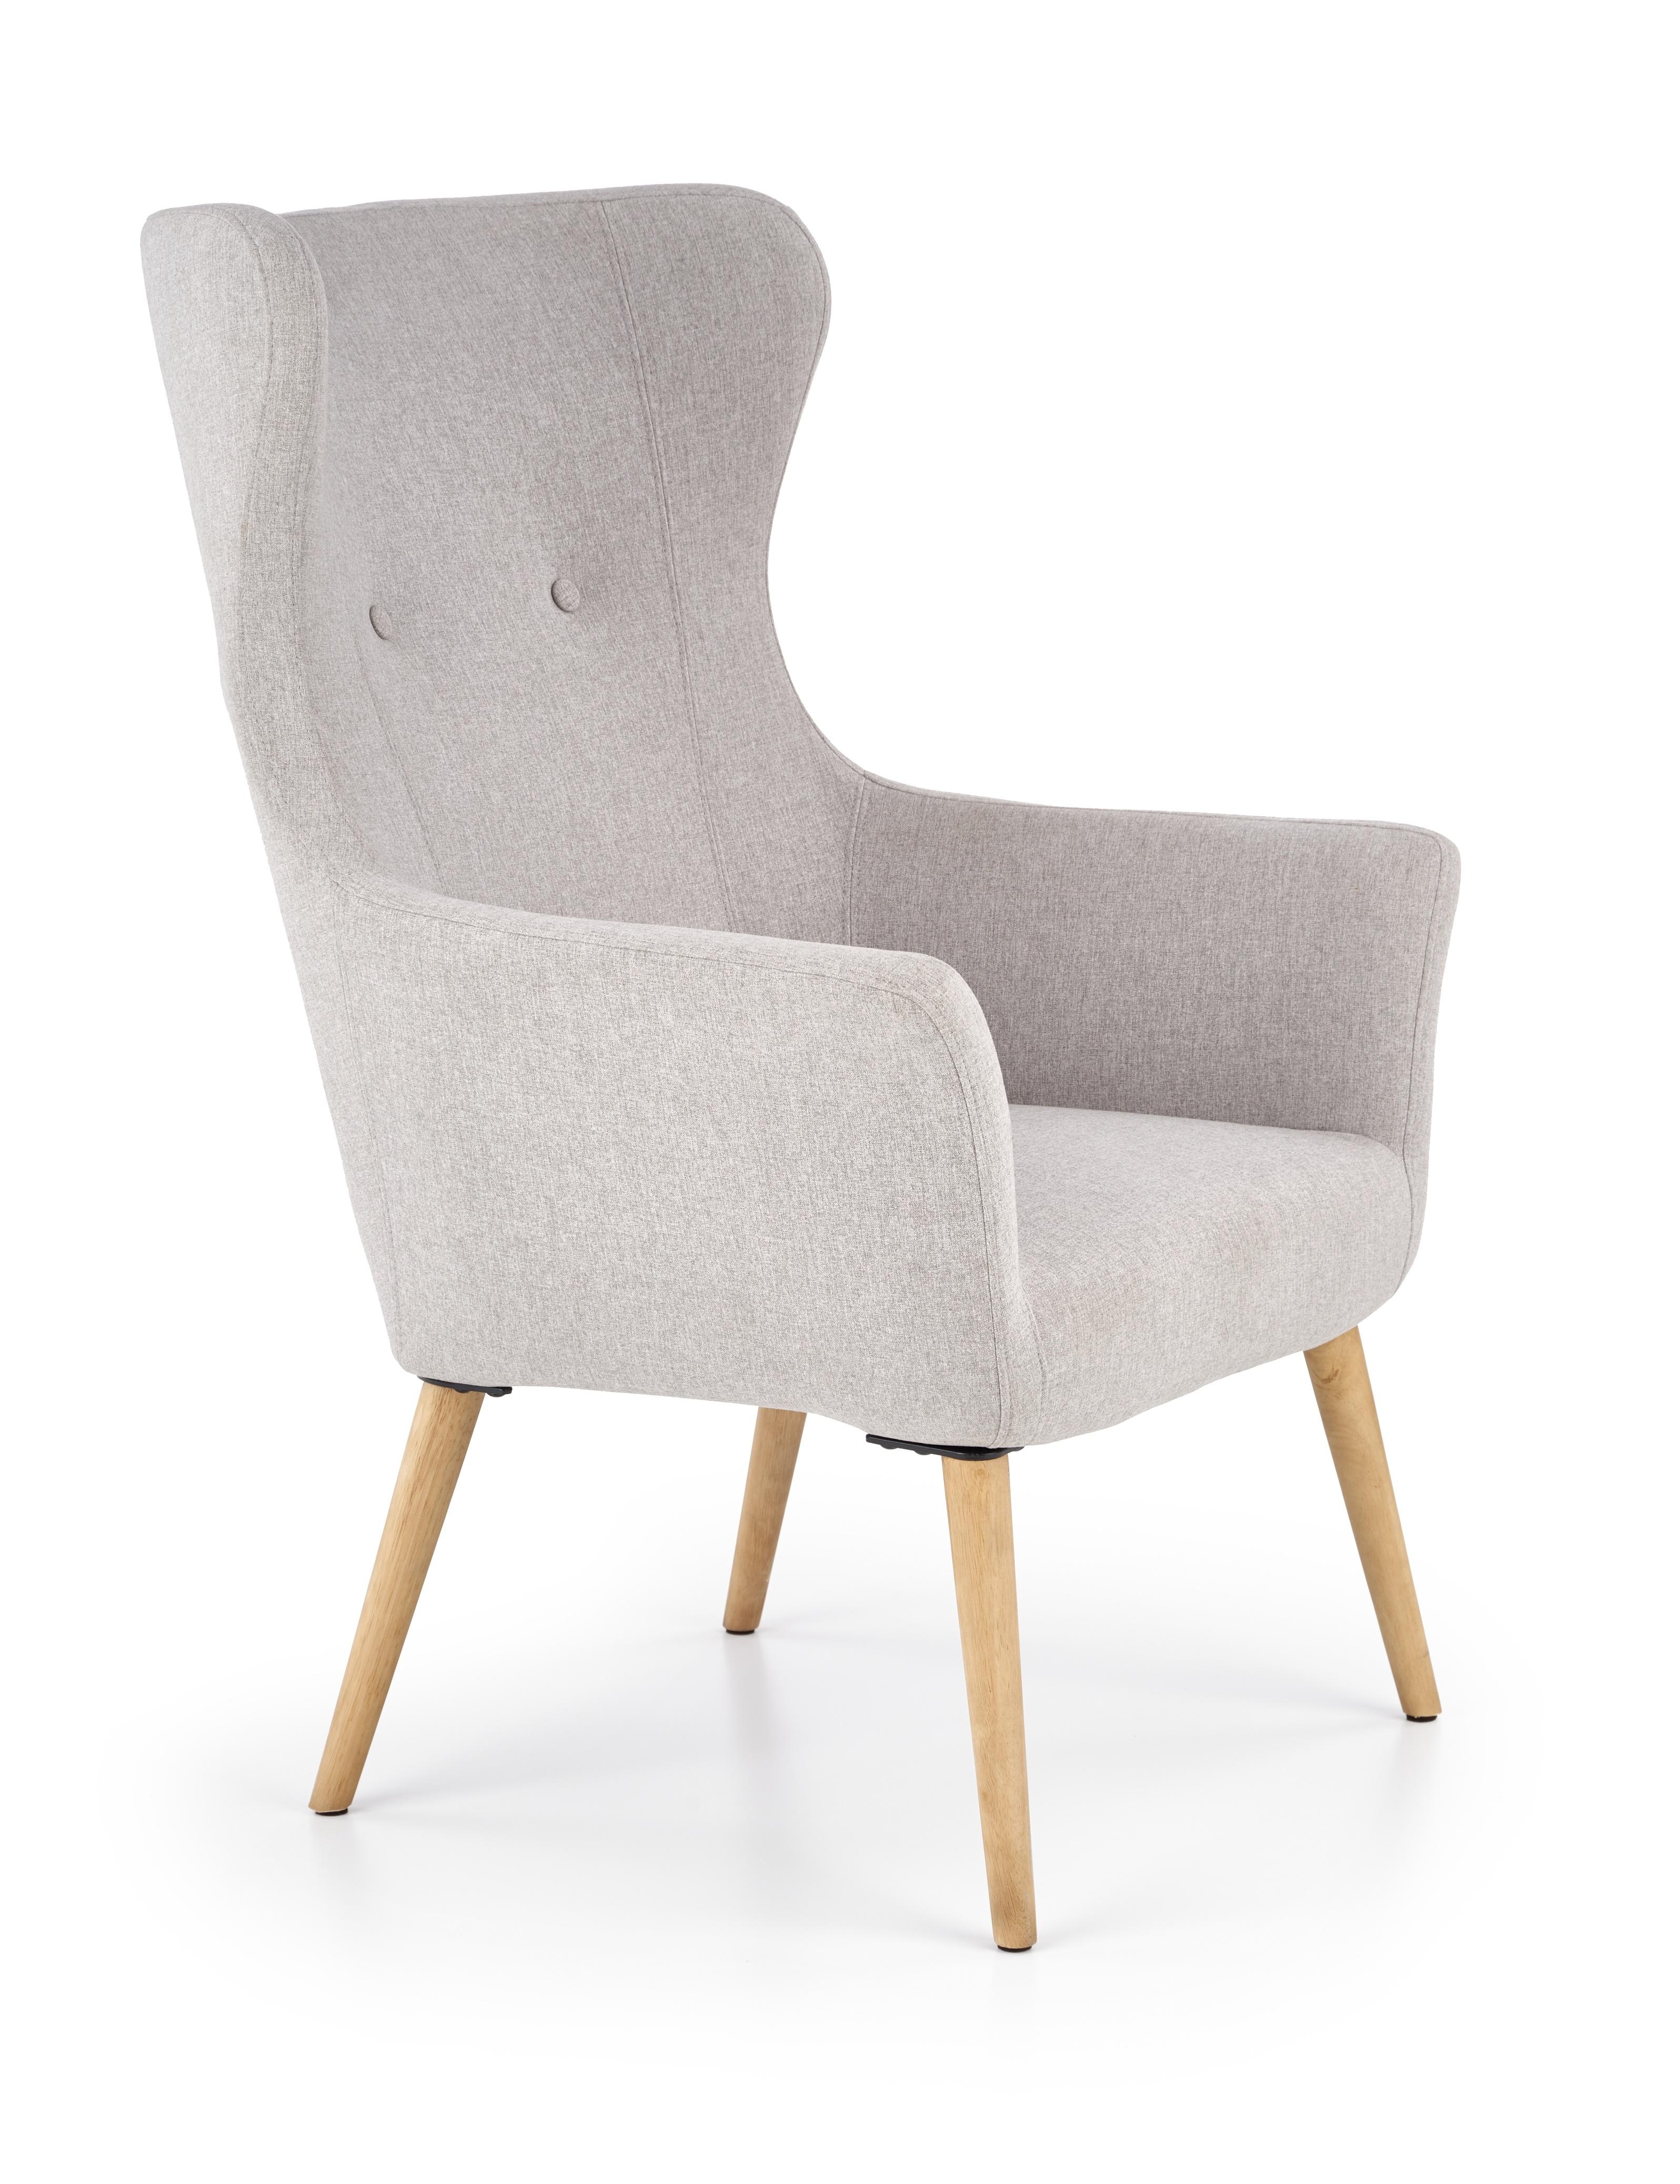 Fotoliu tapitat cu stofa, cu picioare din lemn Cotto Light Grey, l73xA76xH99 cm somproduct.ro